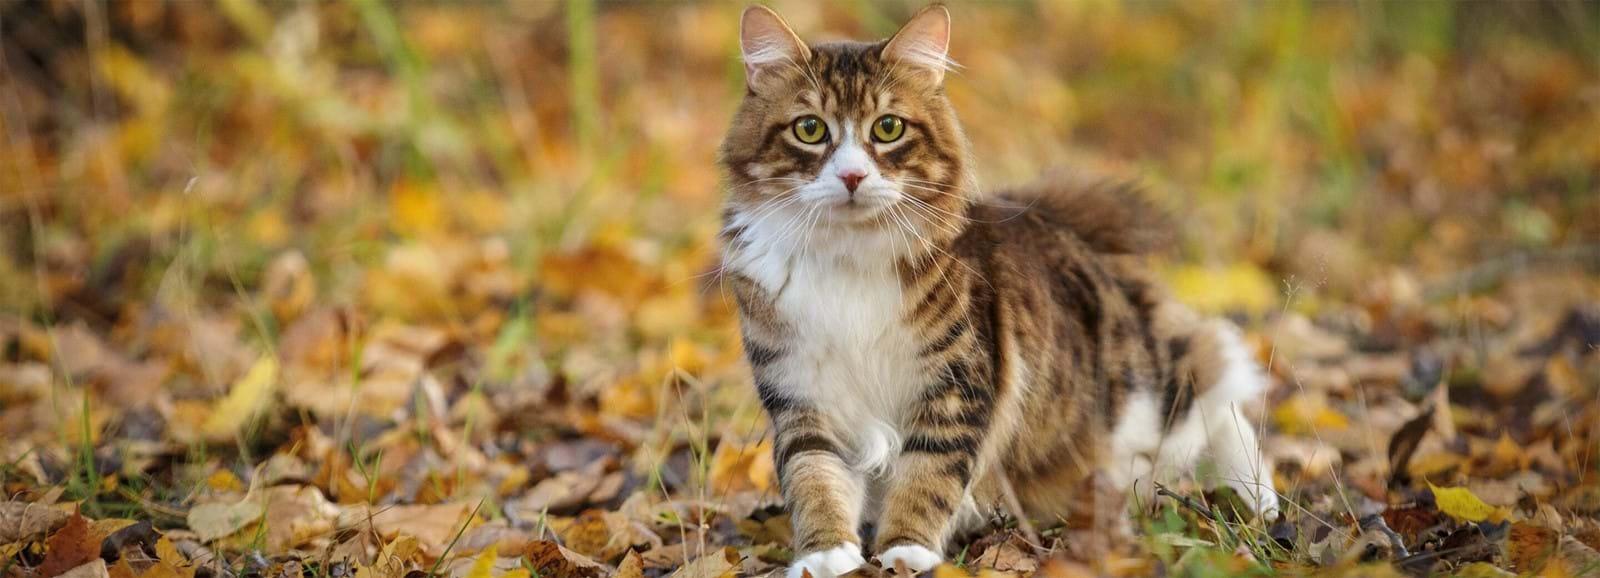 Die Entwicklung der Katze